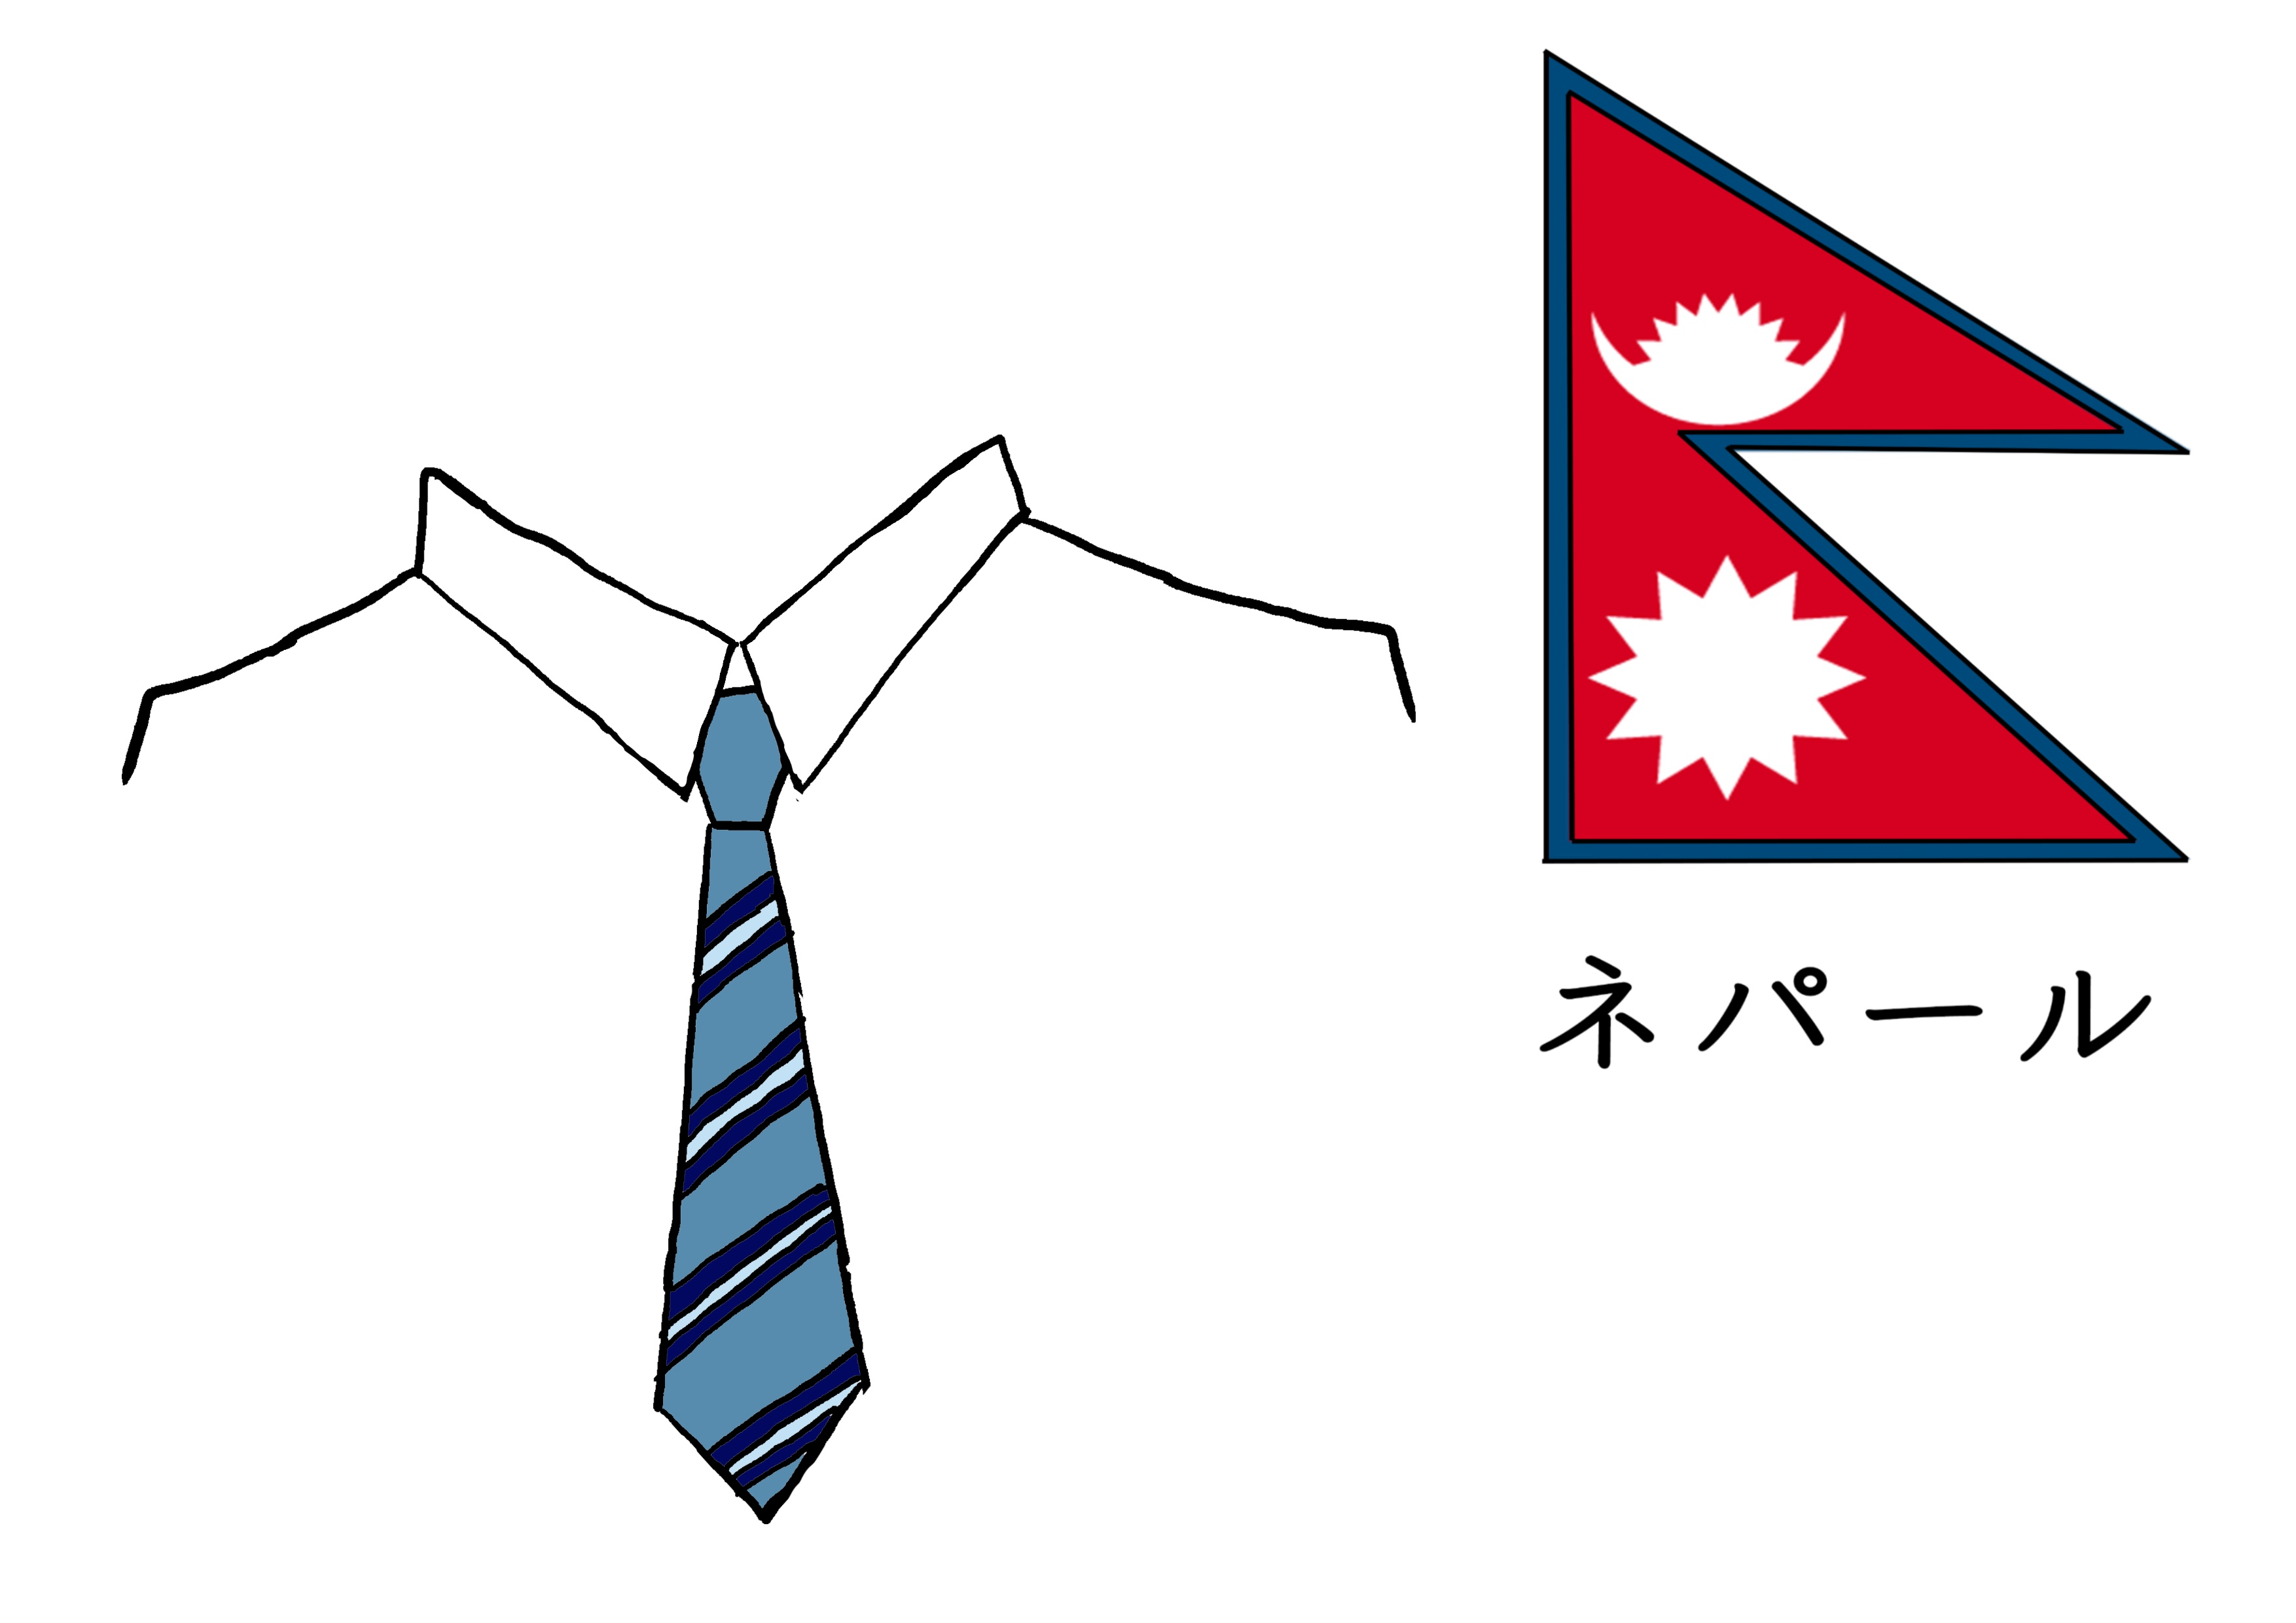 3課イラスト【ネパールのネクタイ】